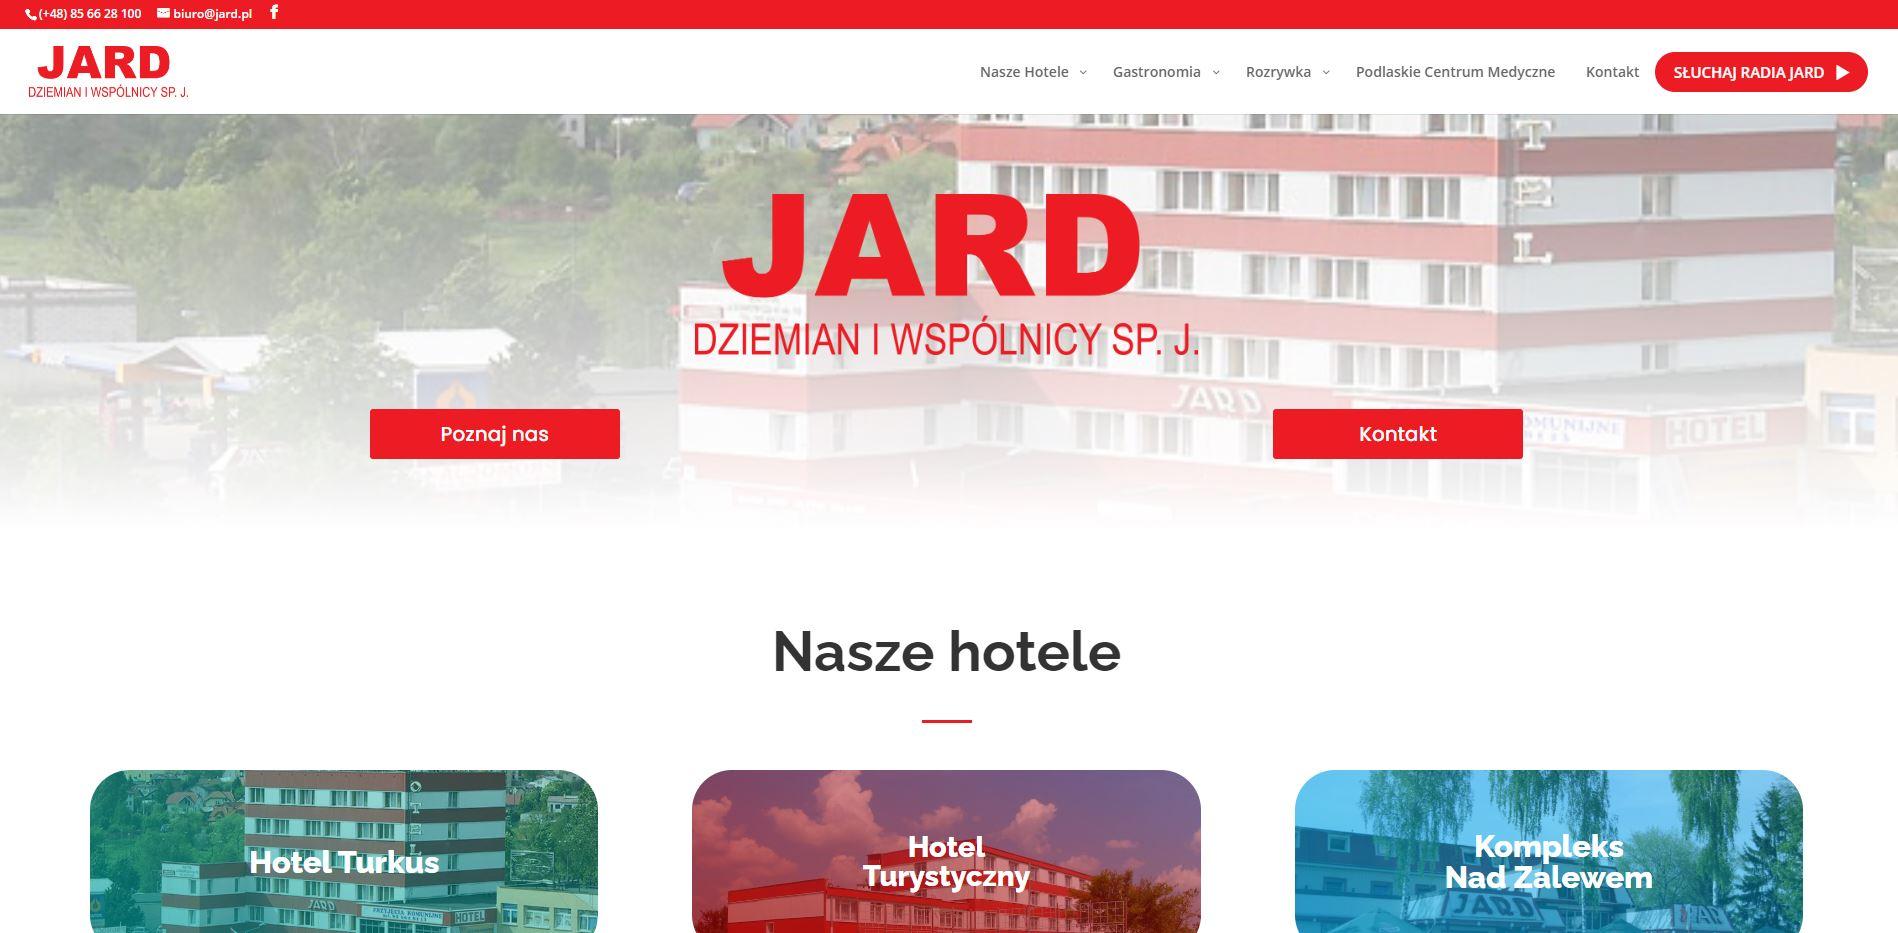 Sieć hoteli i radio jard